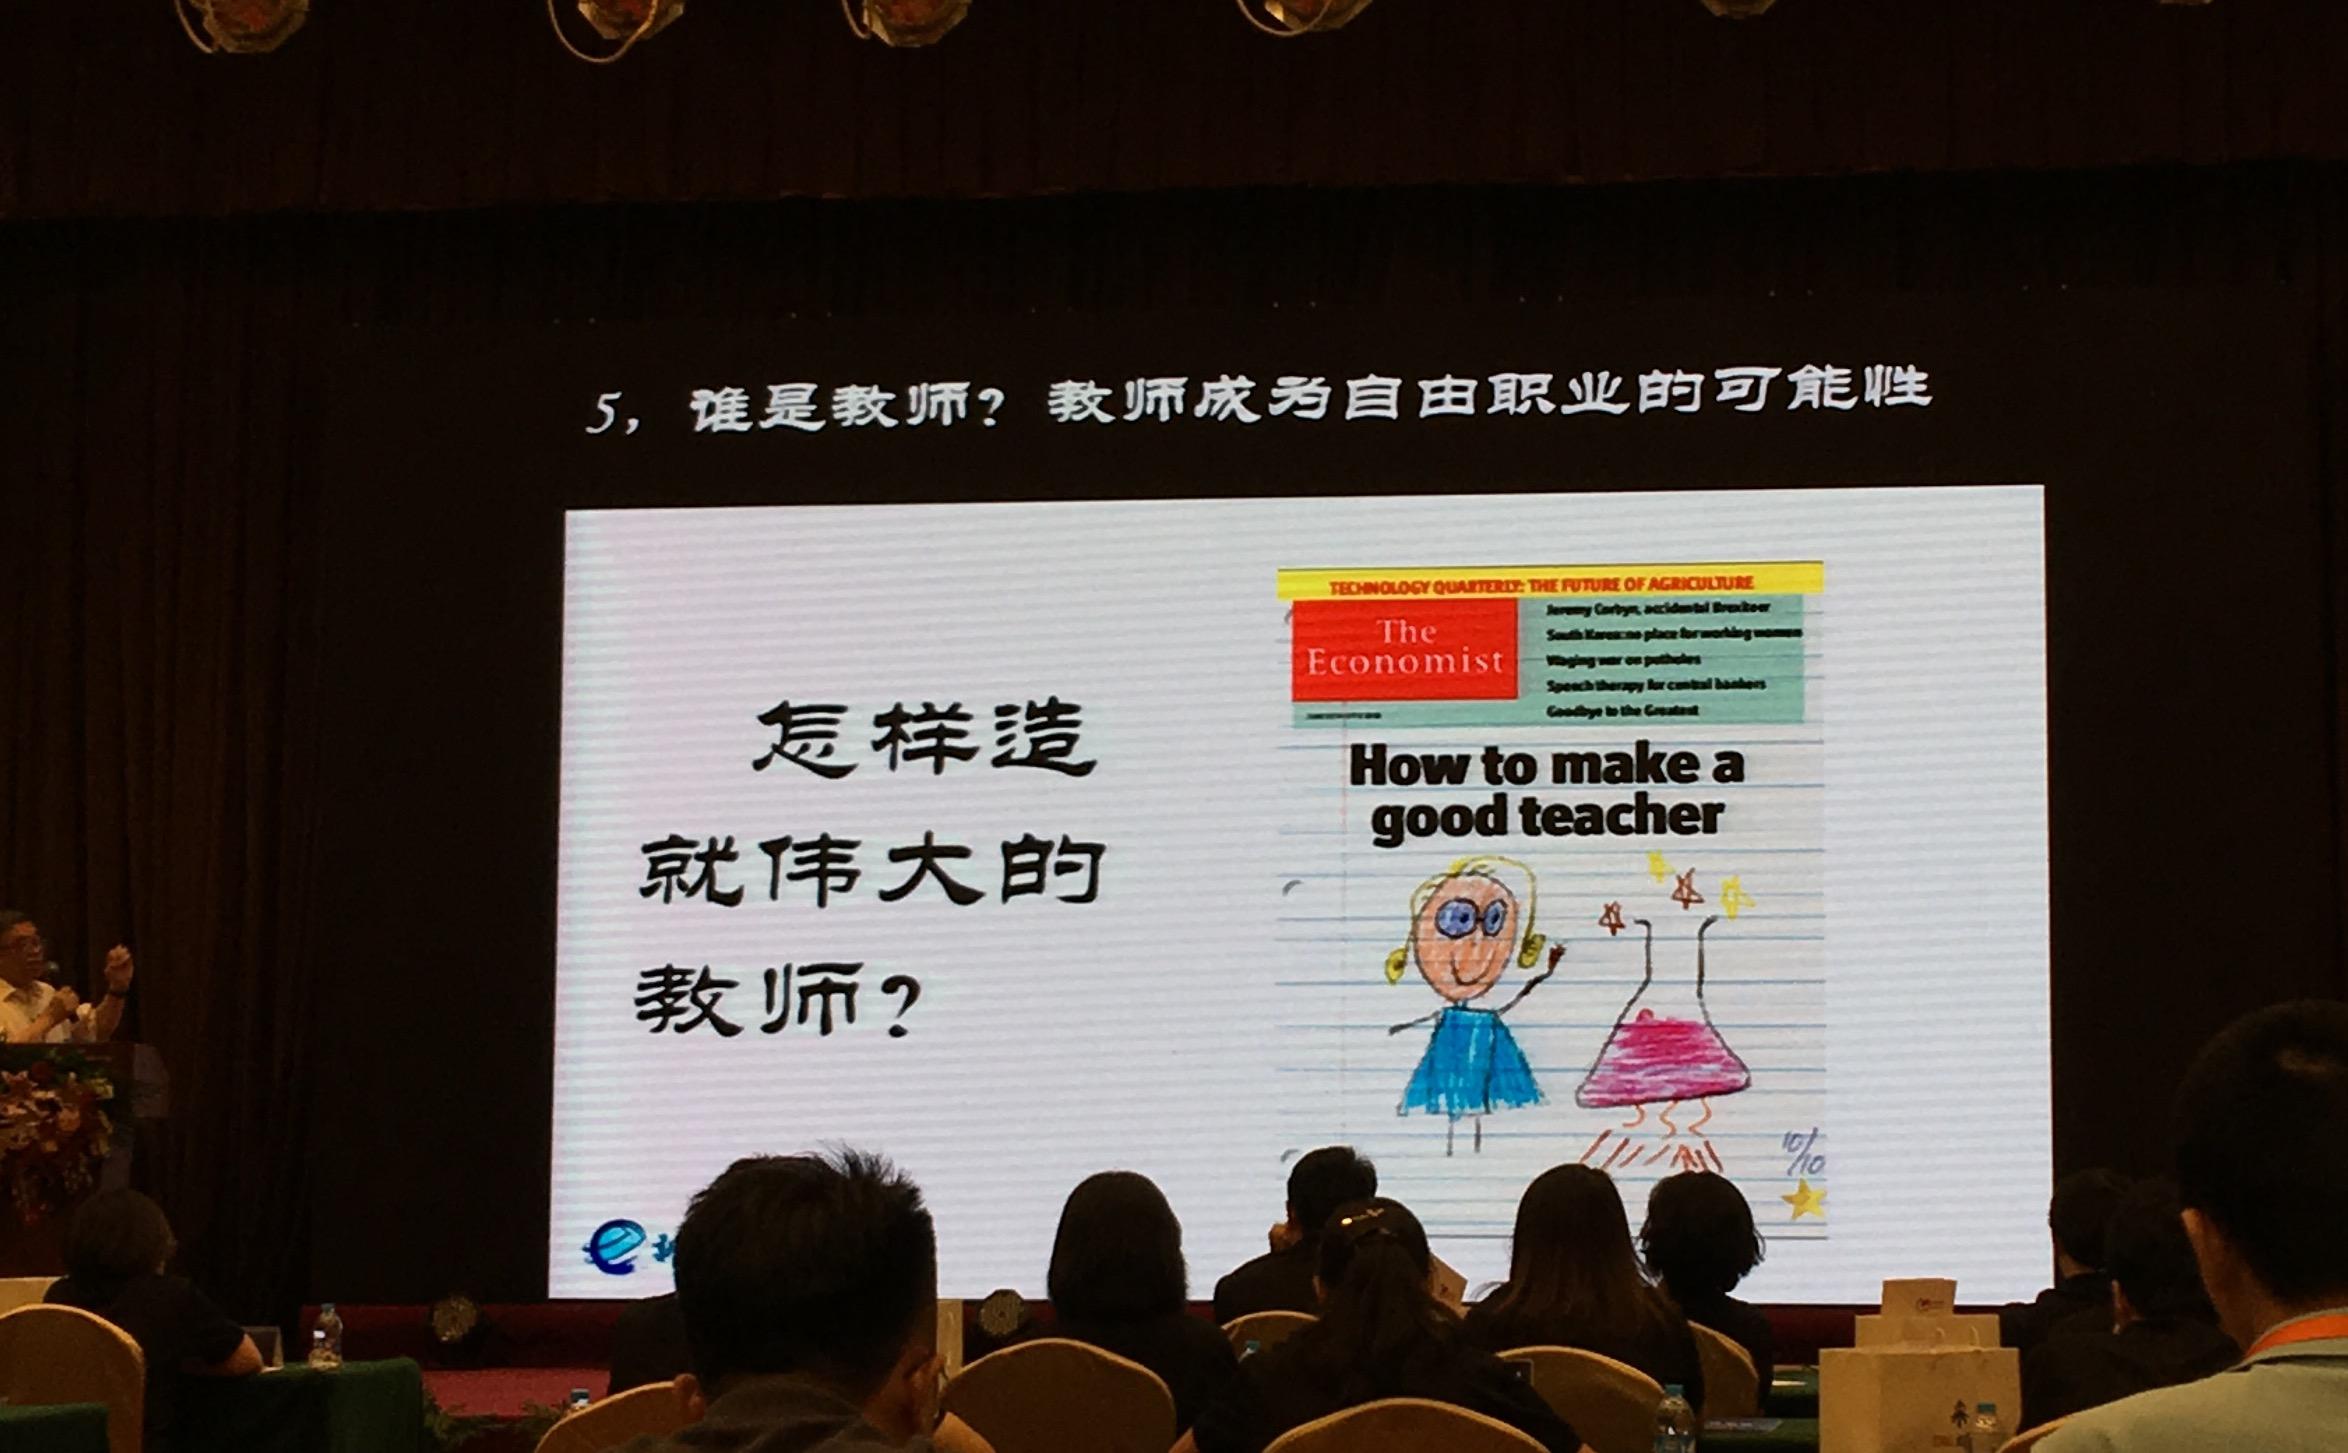 朱永新:课程为王,将是未来的发展方向